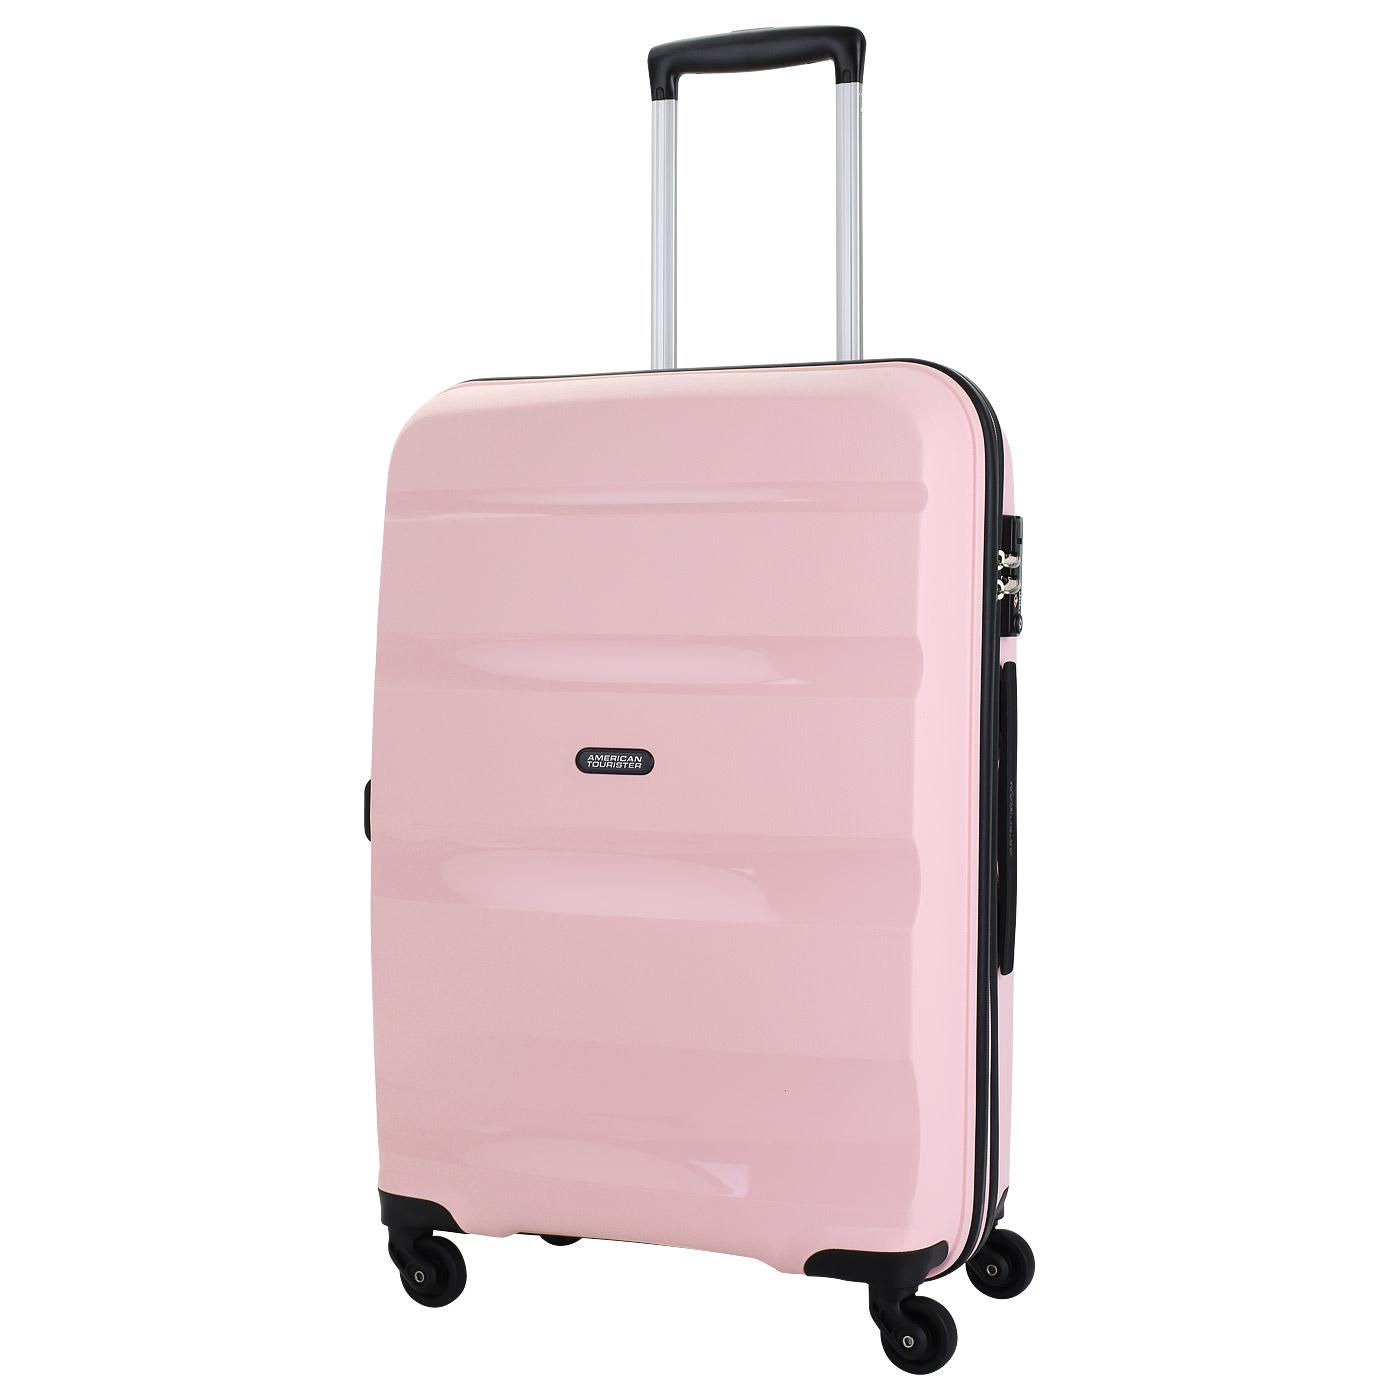 Американ туристер чемоданы купить а москве